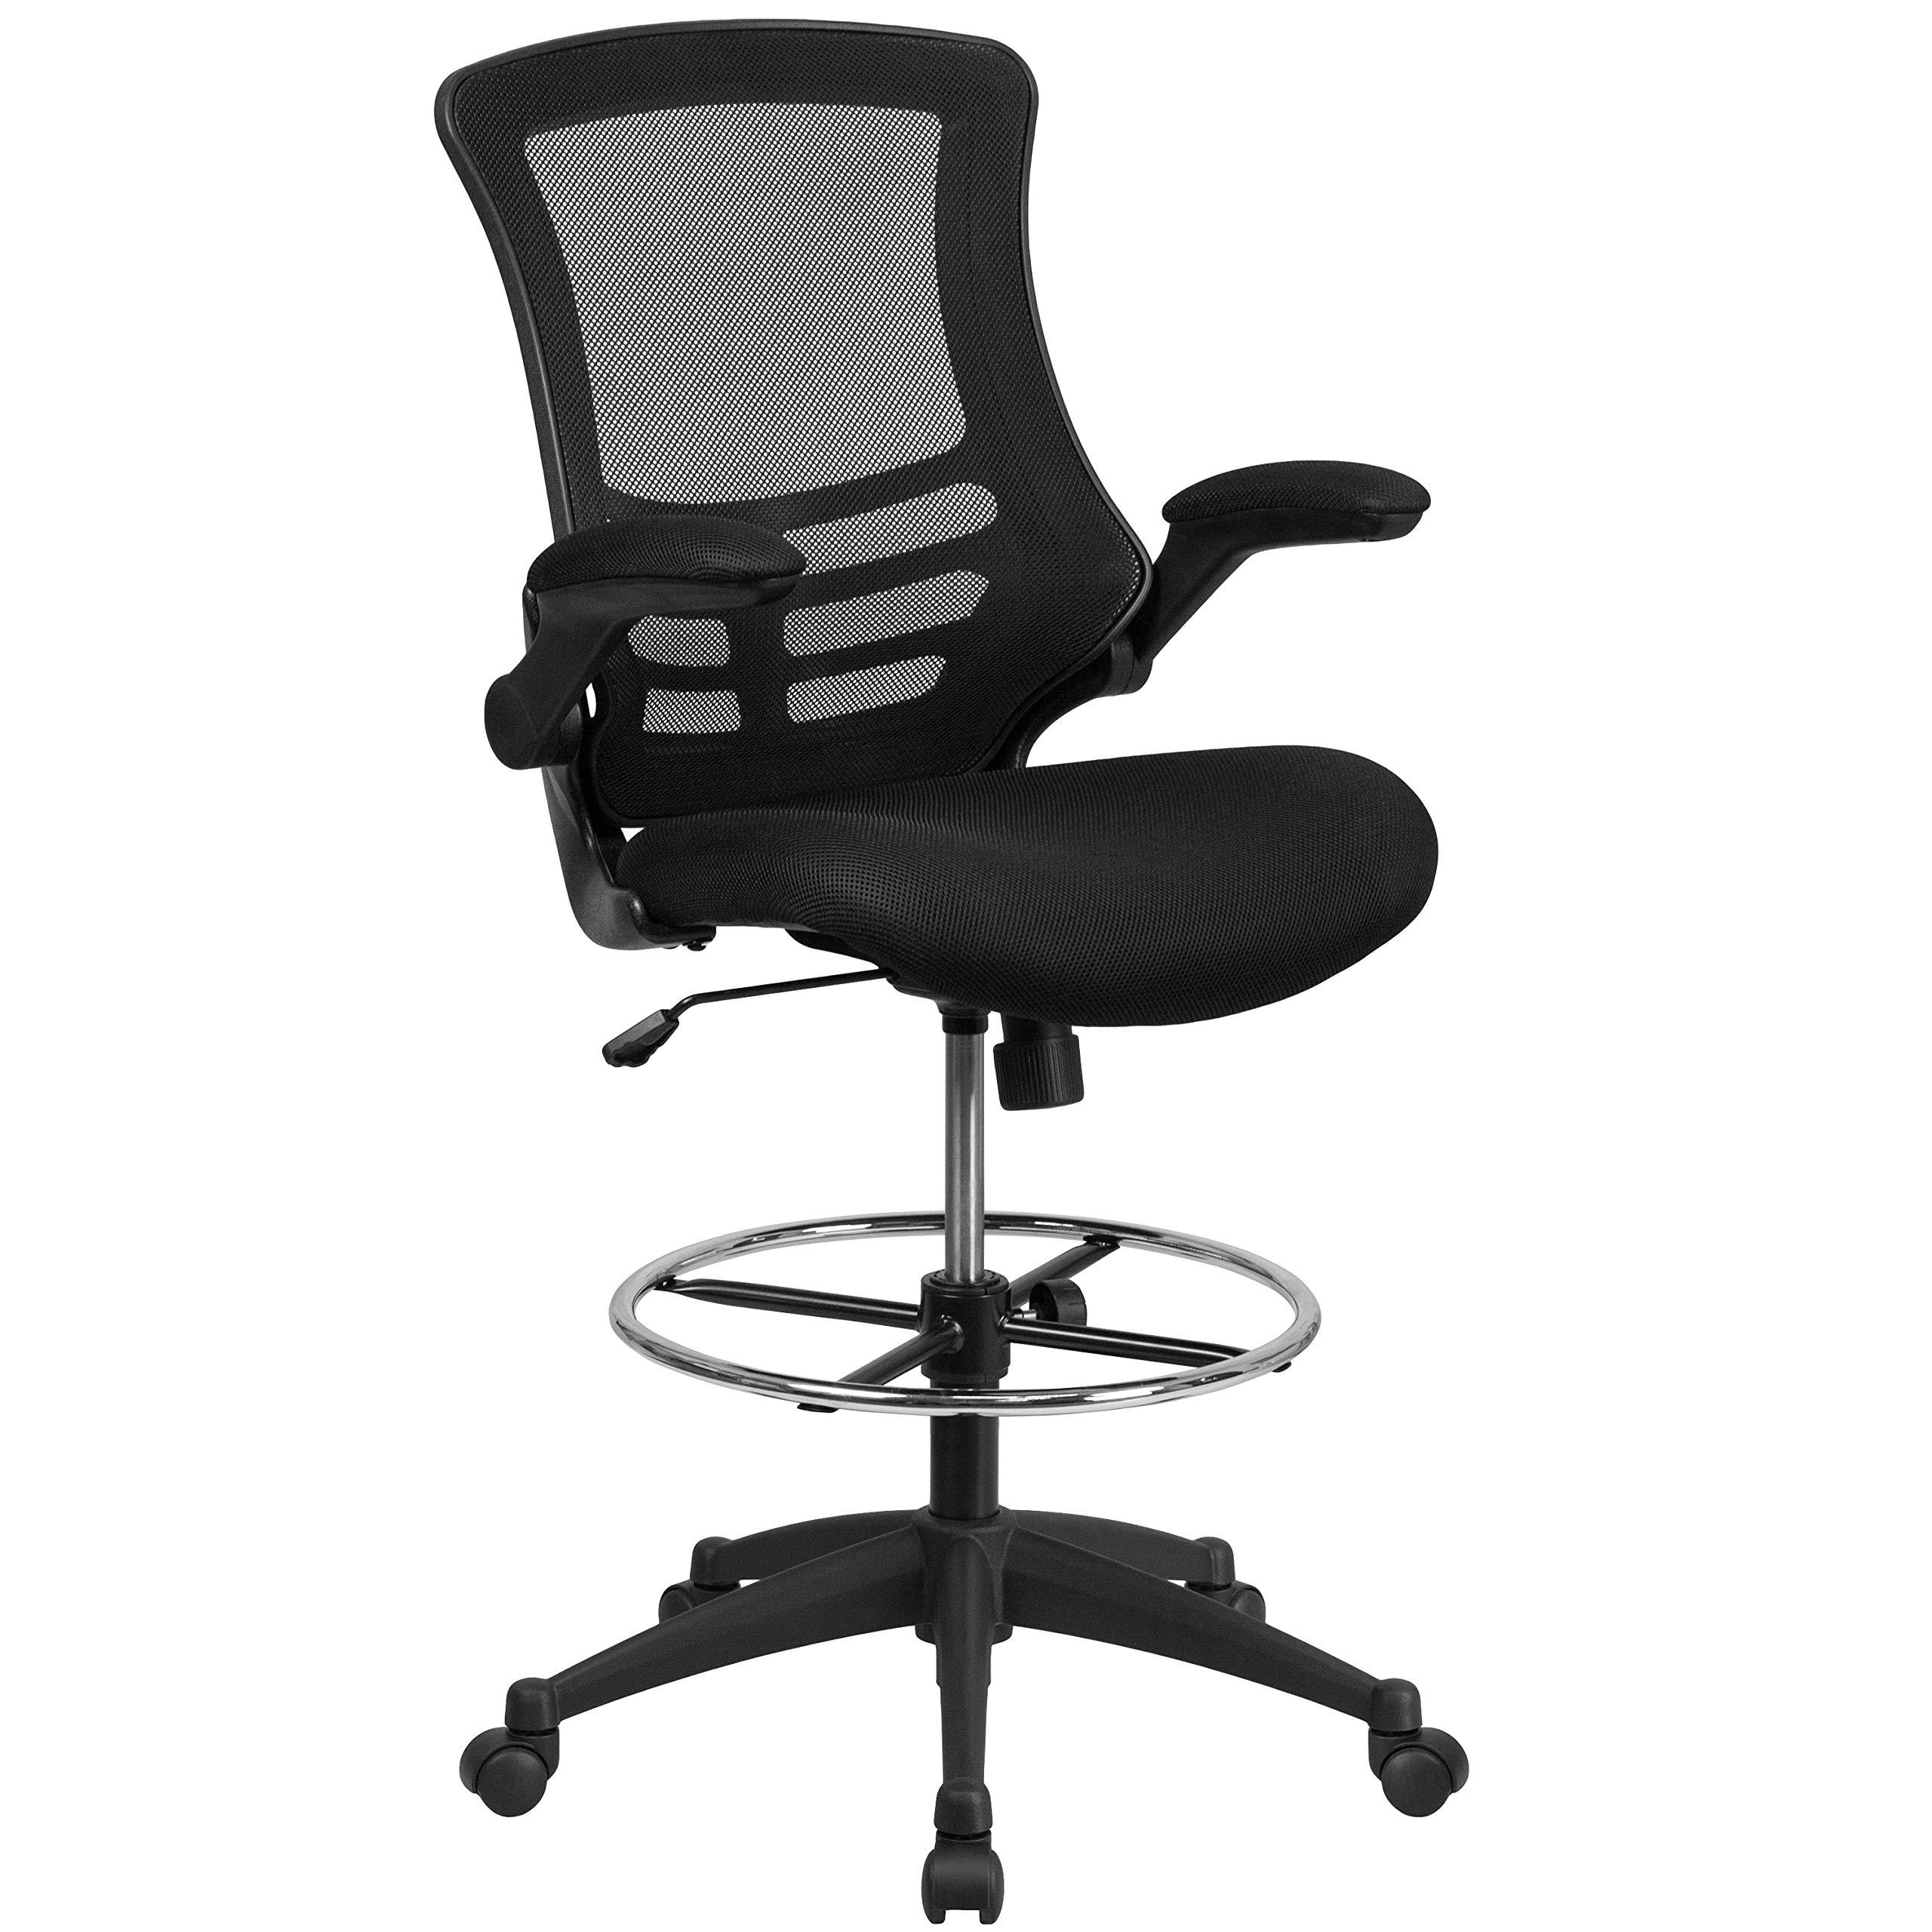 Flash Furniture Mid Back Drafting Adjustable